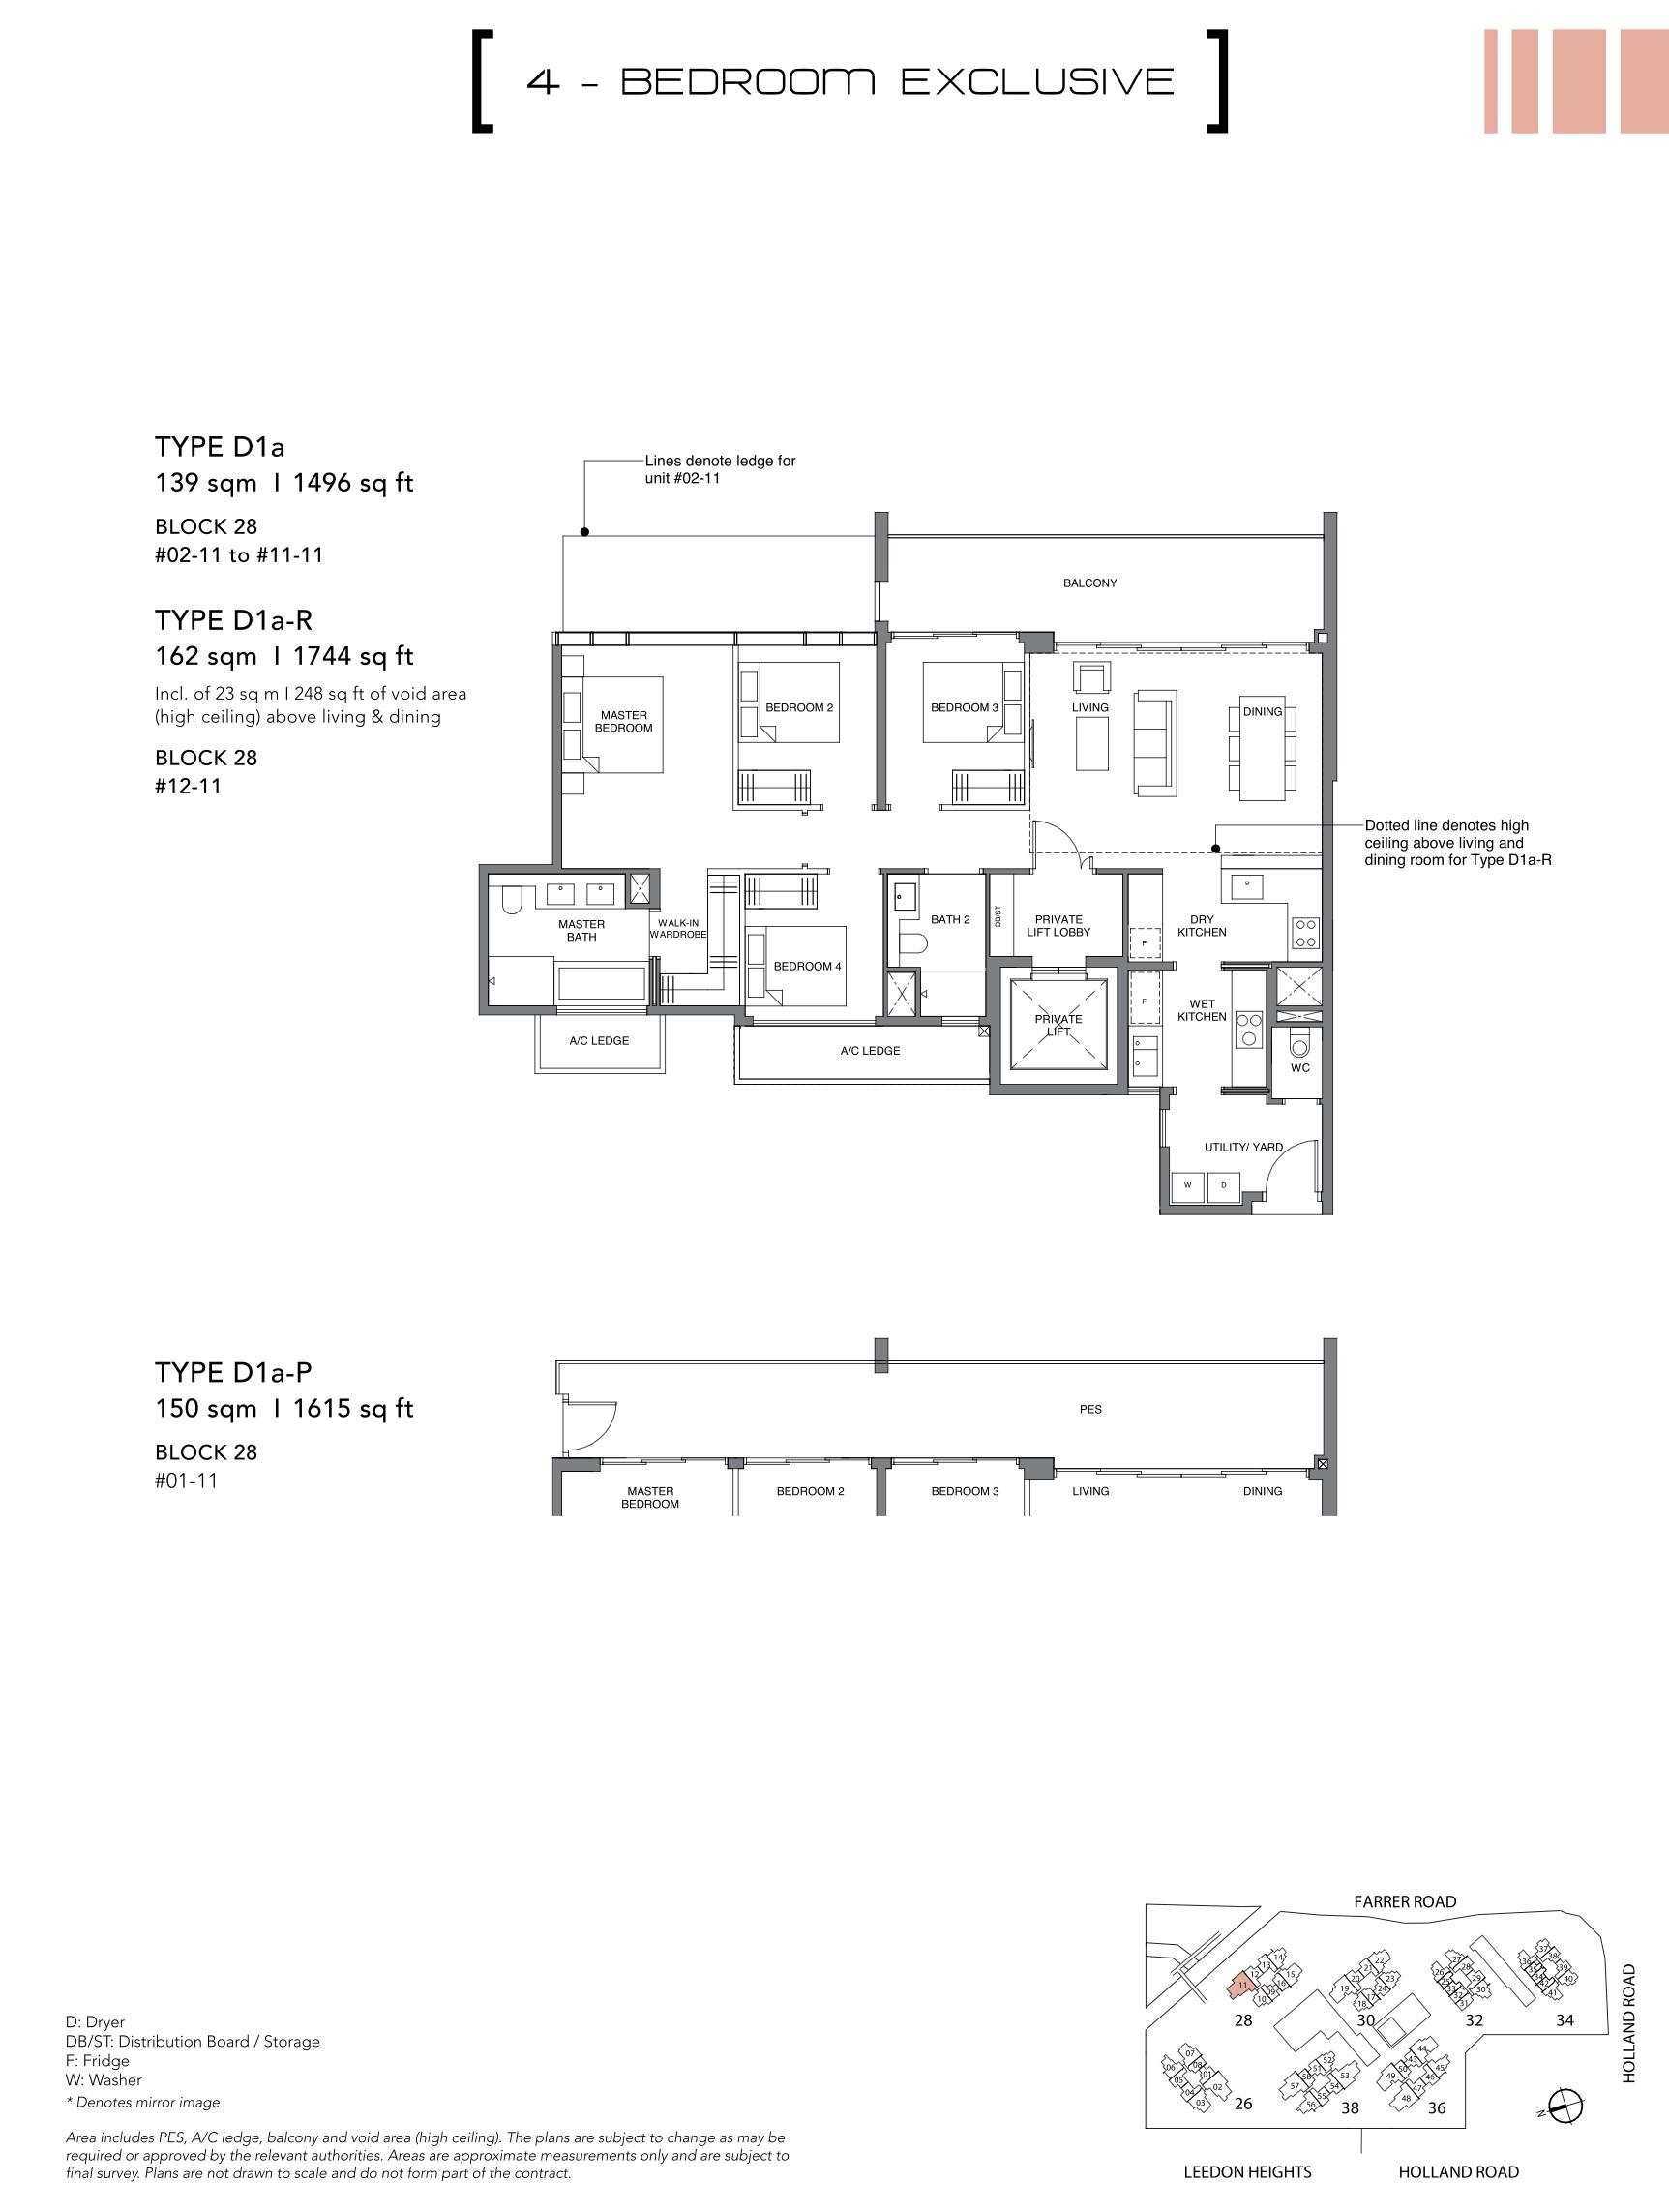 绿墩雅苑公寓户型图 Leedon Green floor plan 4 bedroom exclusive D1a and D1a-p